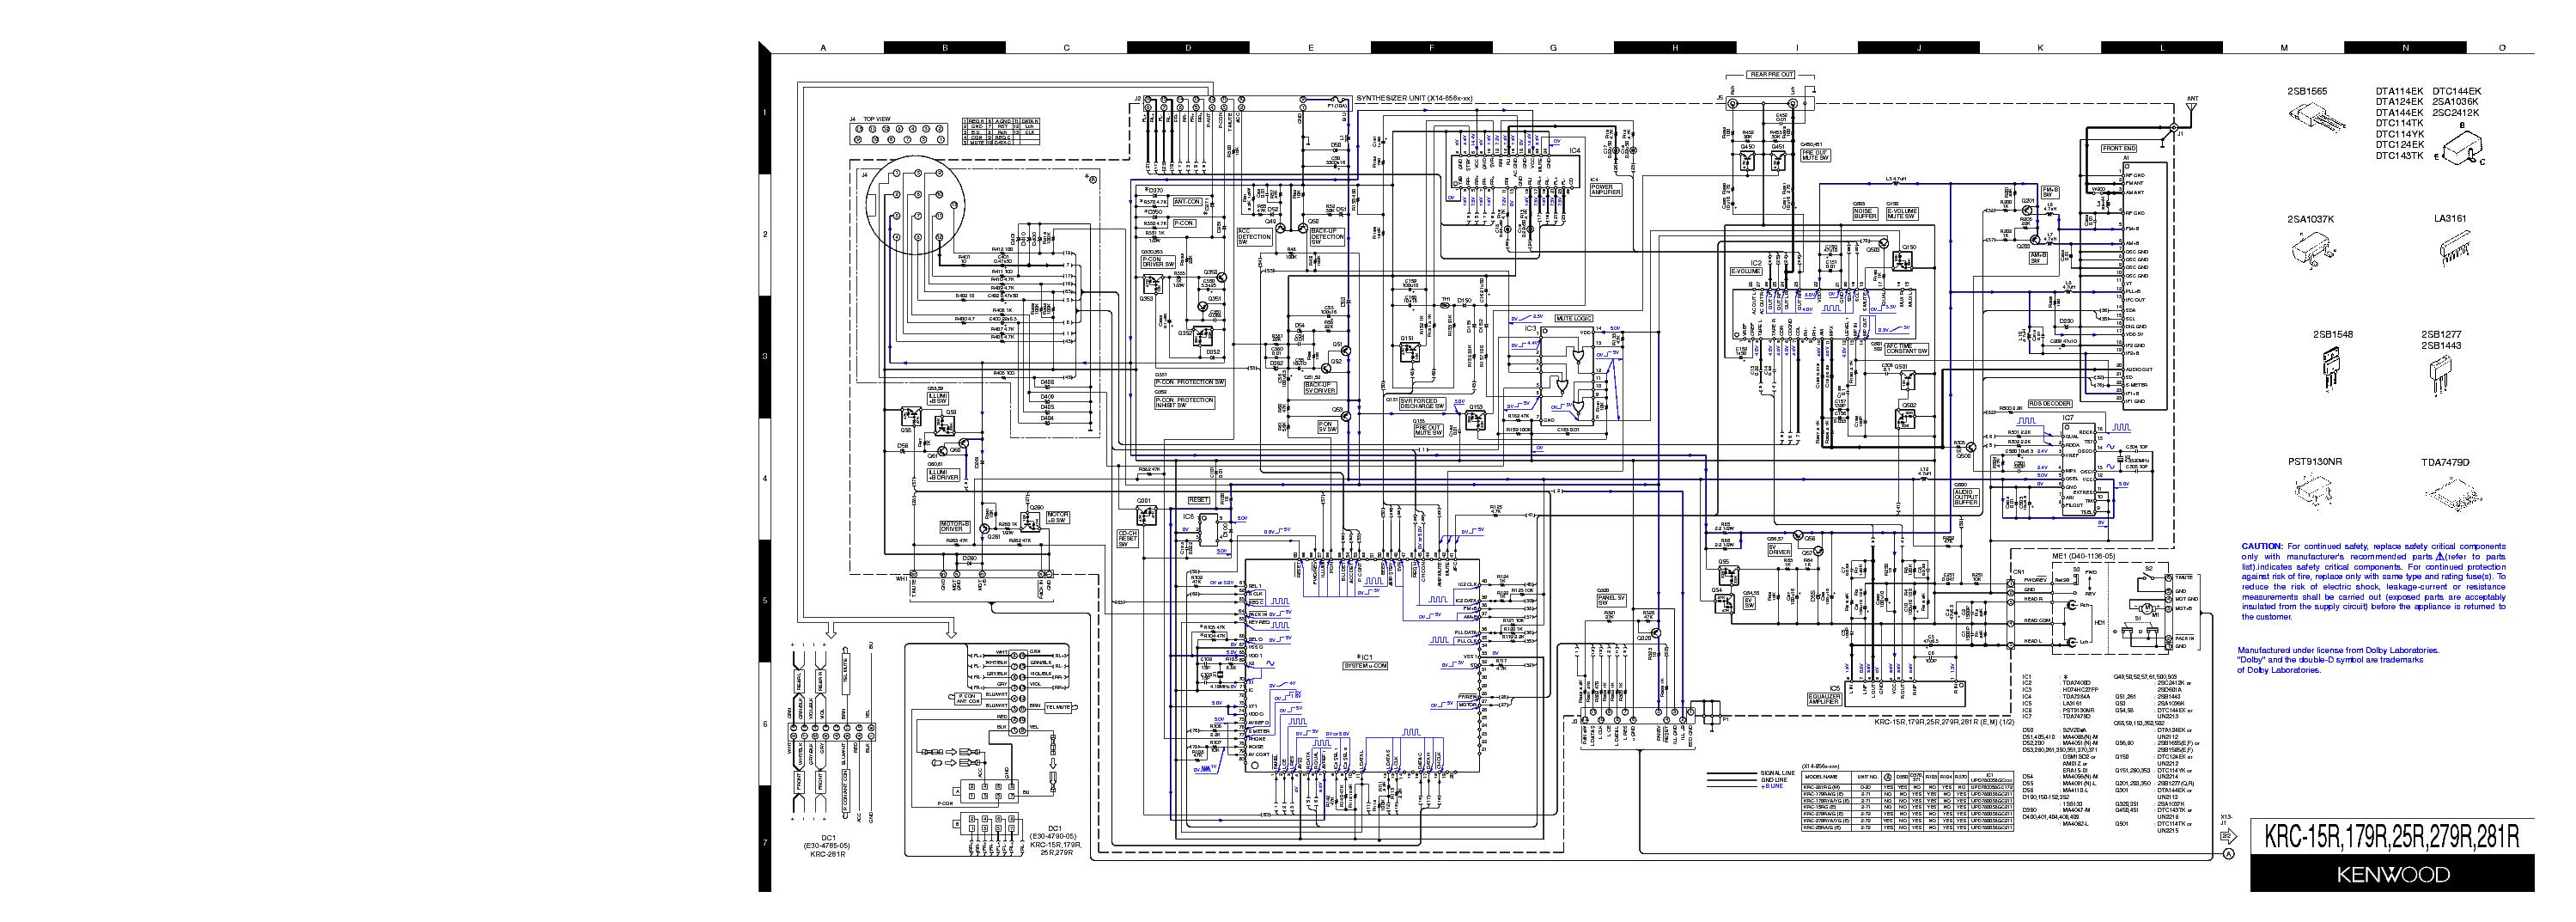 Kenwood Krc Wiring Harness Diagram 2004 Auto Electrical Komatsu Fg Forklift 30011 Honda Xr100r Crf100f